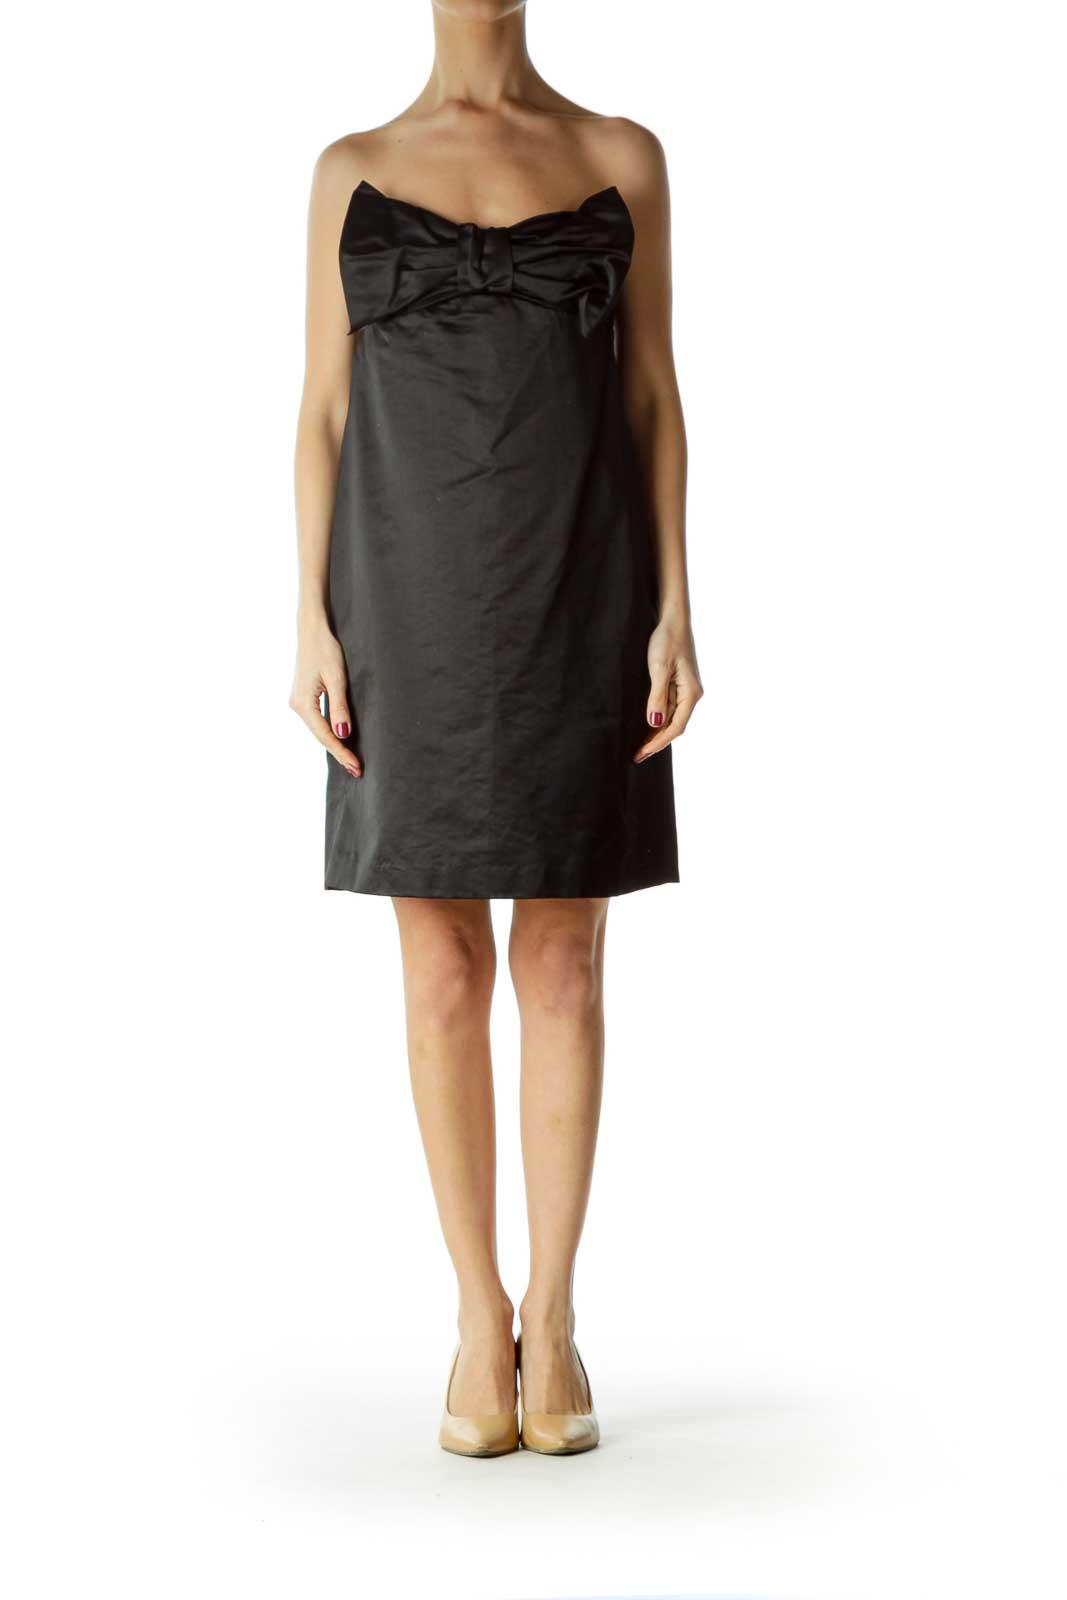 Black Bow Shiny Dress